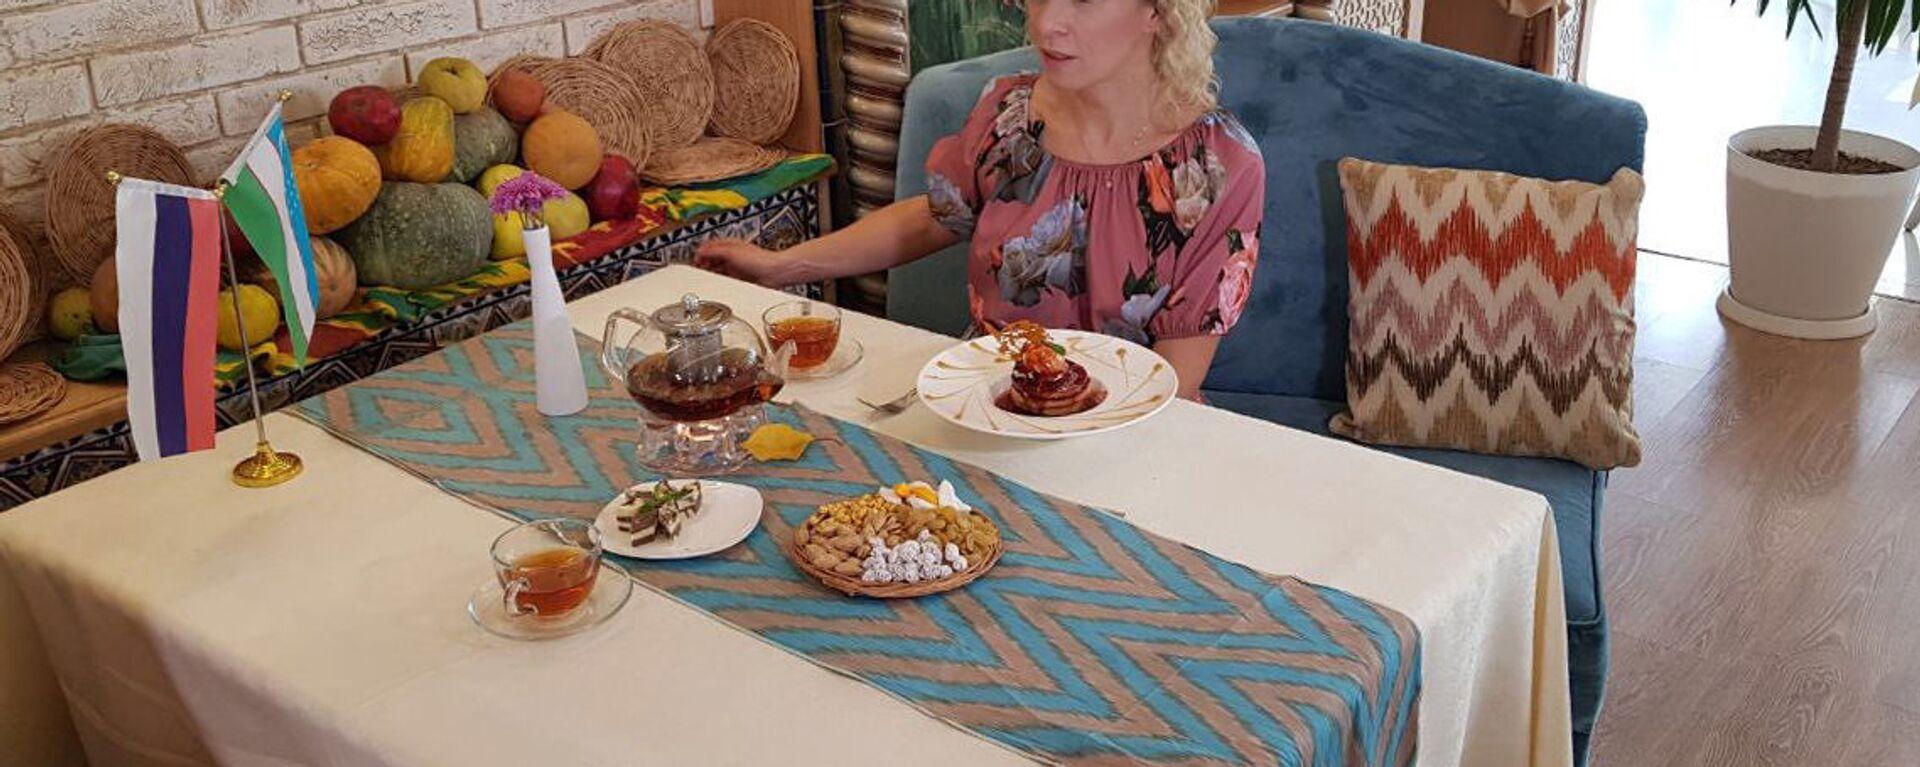 Ofitsialnыy predstavitel MID RF Mariya Zaxarova vo vremya vizita v Tashkent - Sputnik Oʻzbekiston, 1920, 02.11.2018